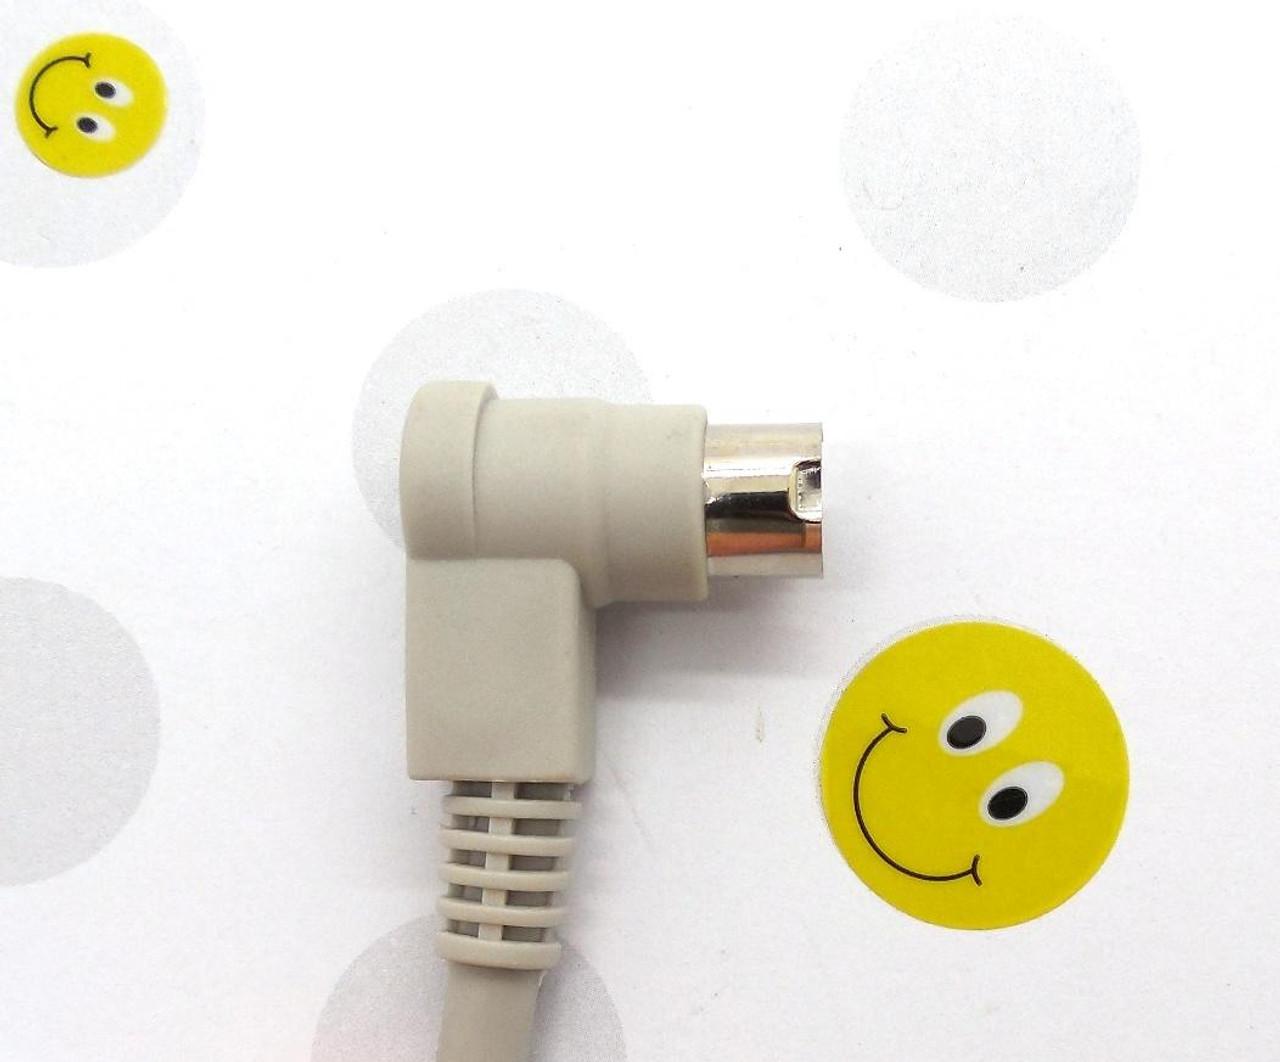 PLC Cables, Inc Allen Bradley Micrologix Cable serial 1761-CBL-PM02 90 deg end